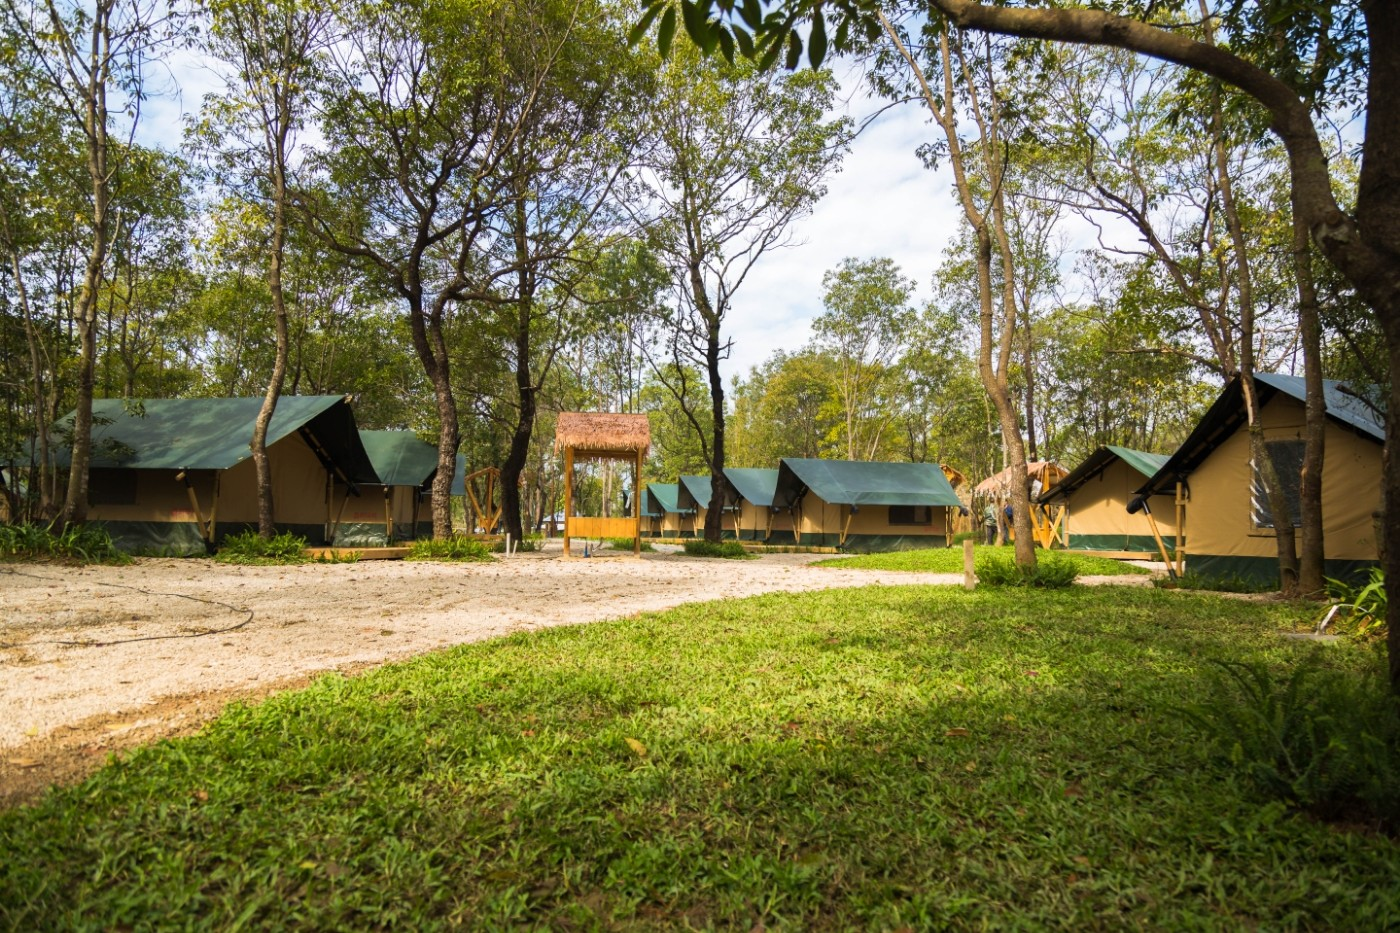 喜马拉雅青少年教育营地—广州和营天下平地帐篷酒店9